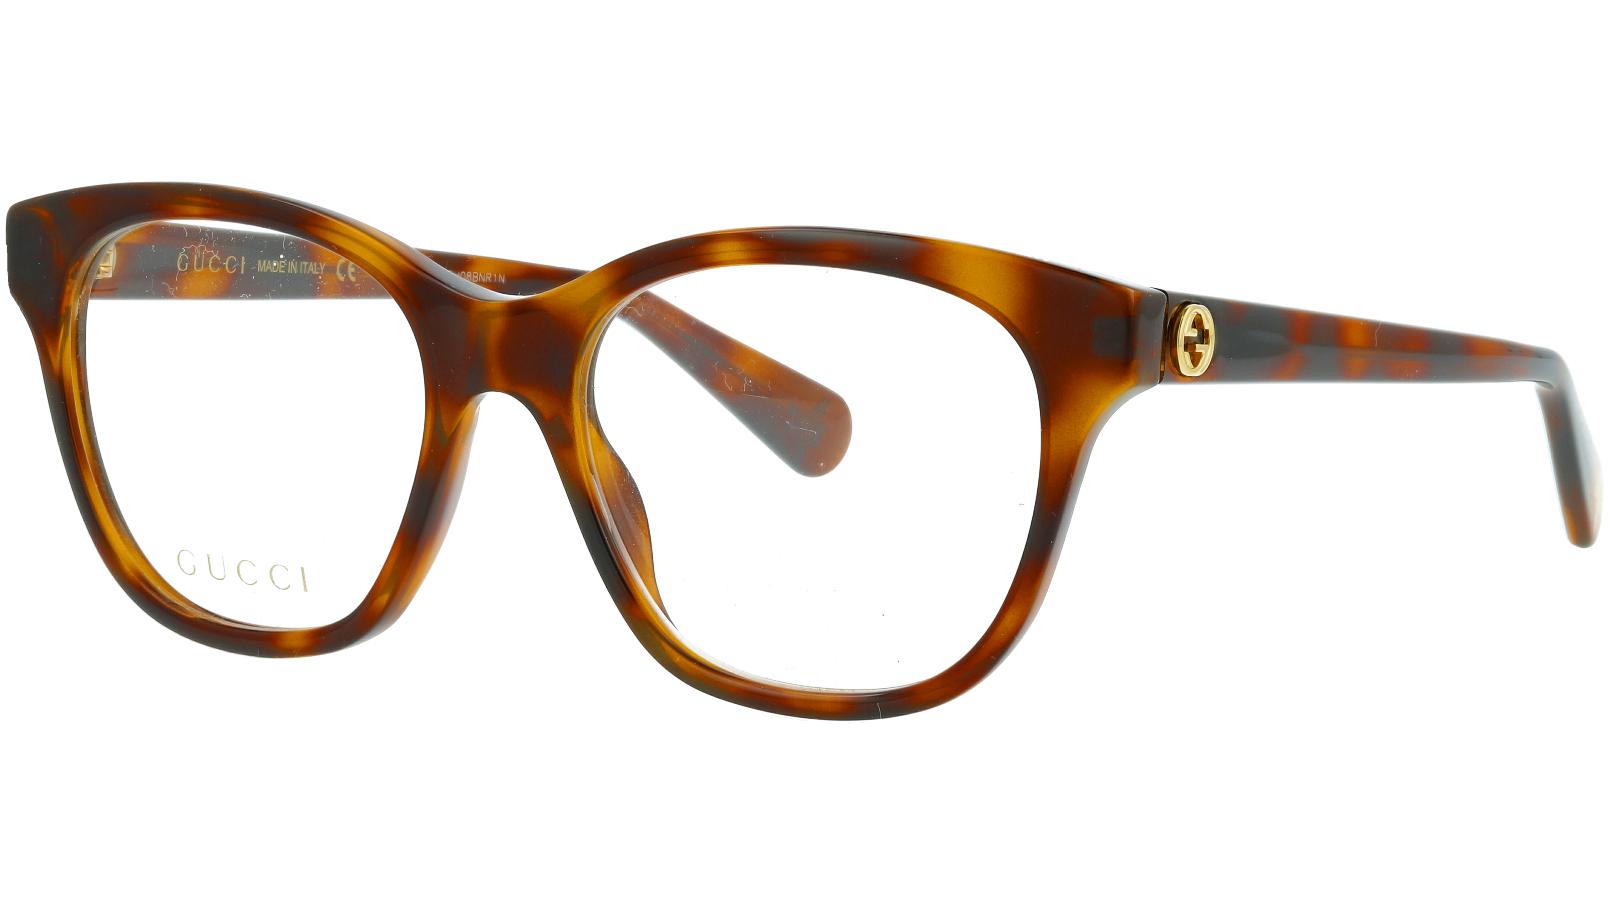 Gucci GG0923O 002 51 Havana Cat-eye Glasses